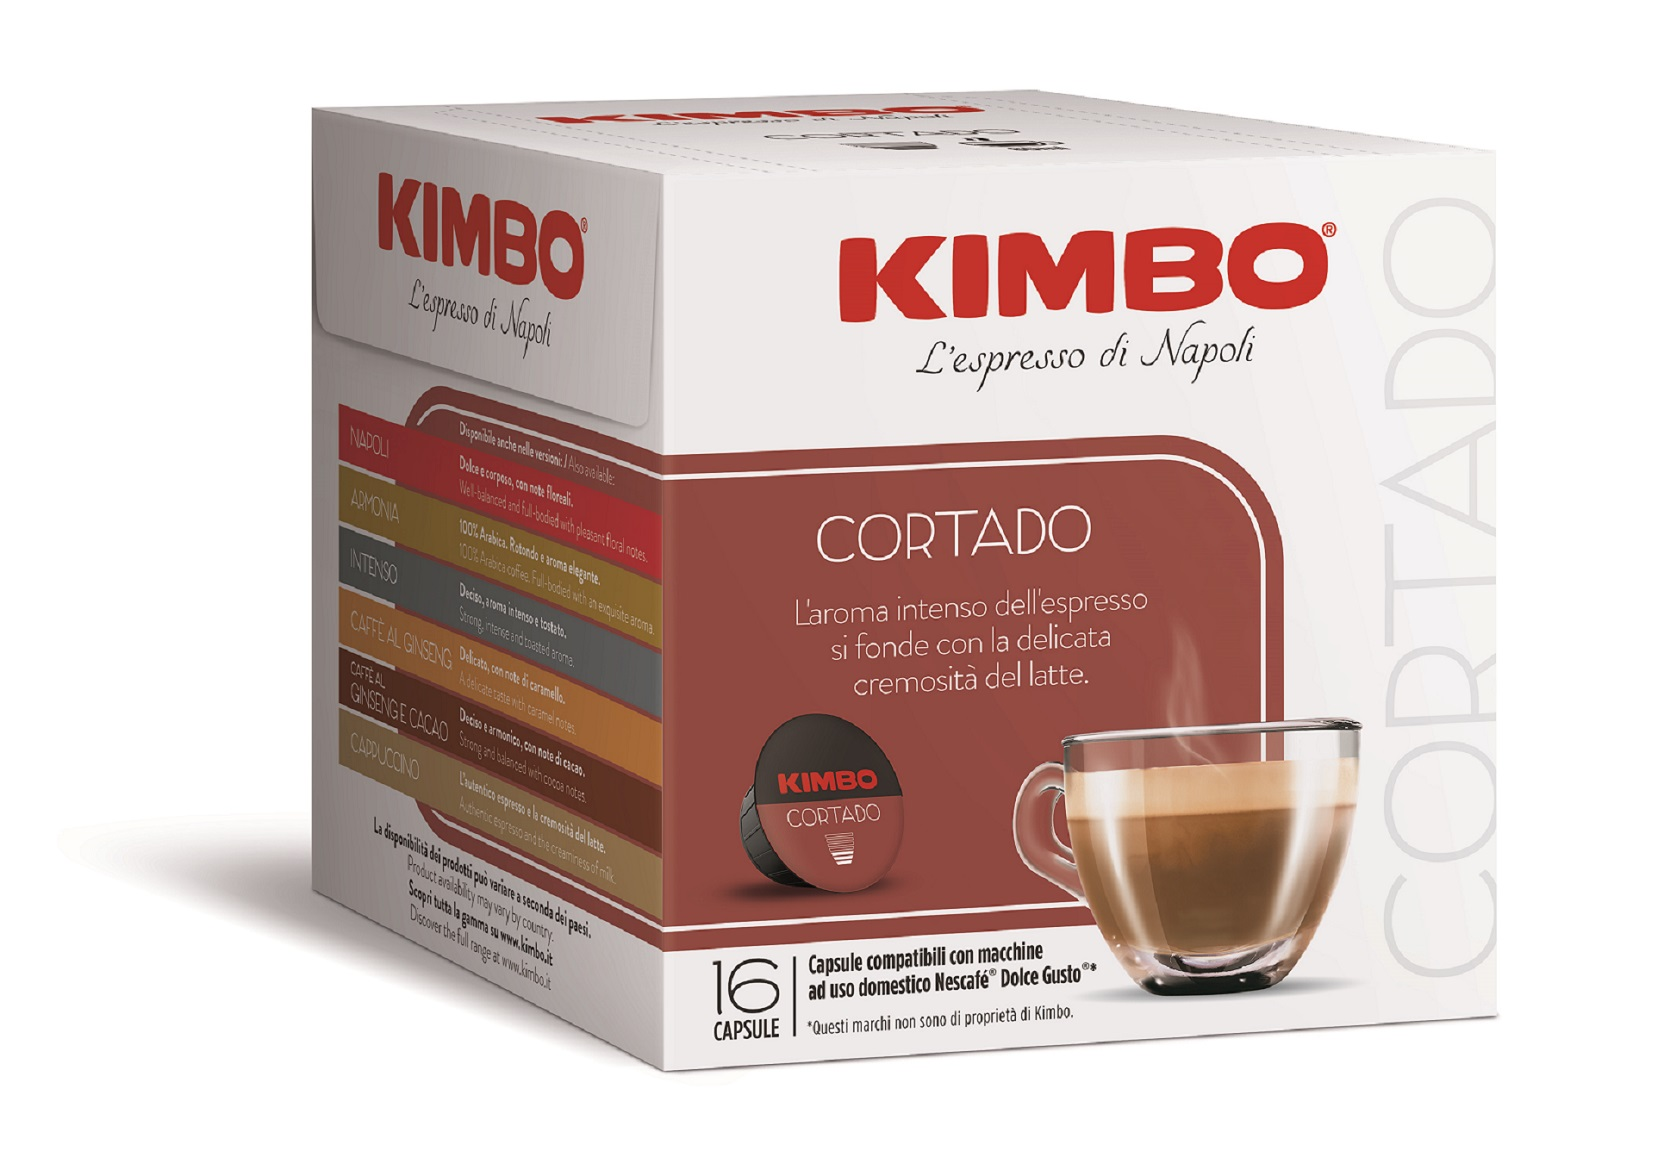 Kimbo Кафе Капсули Cortado